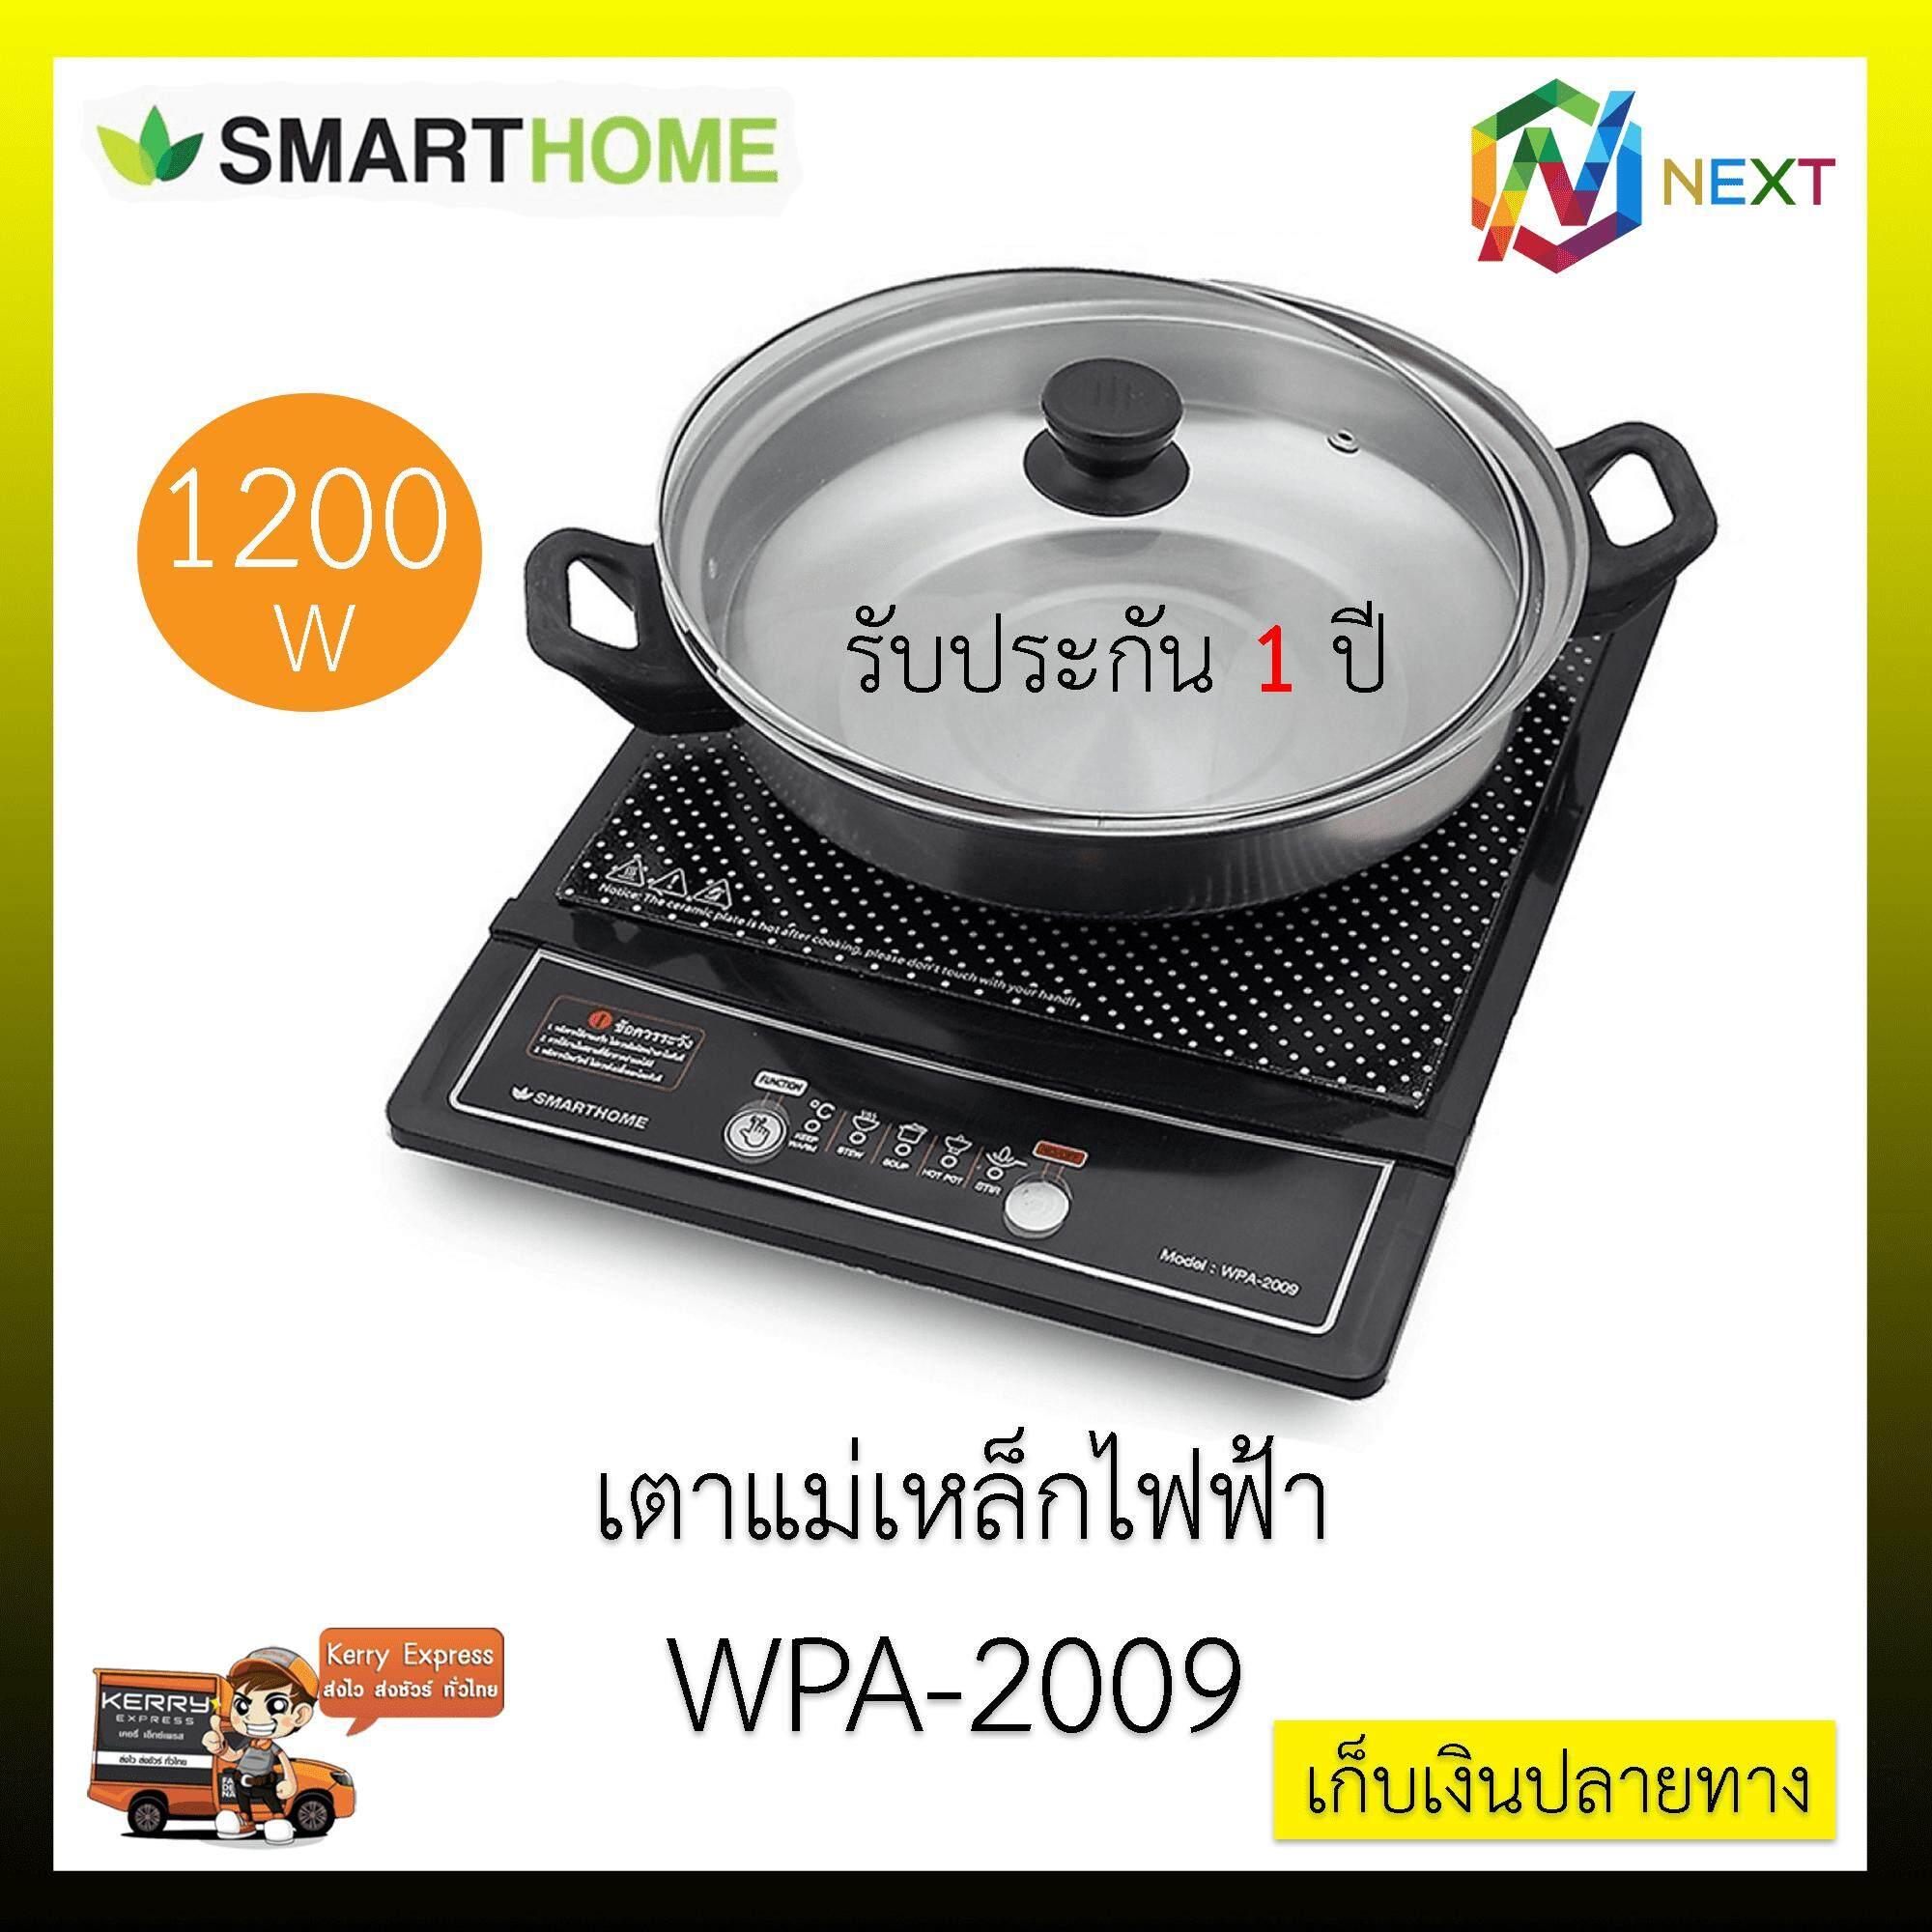 เตาแม่เหล็กไฟฟ้า Smart Home รุ่น WPA-2009 แถมฟรี หม้อสแตนเลส ฝาแก้ว พิเศษ